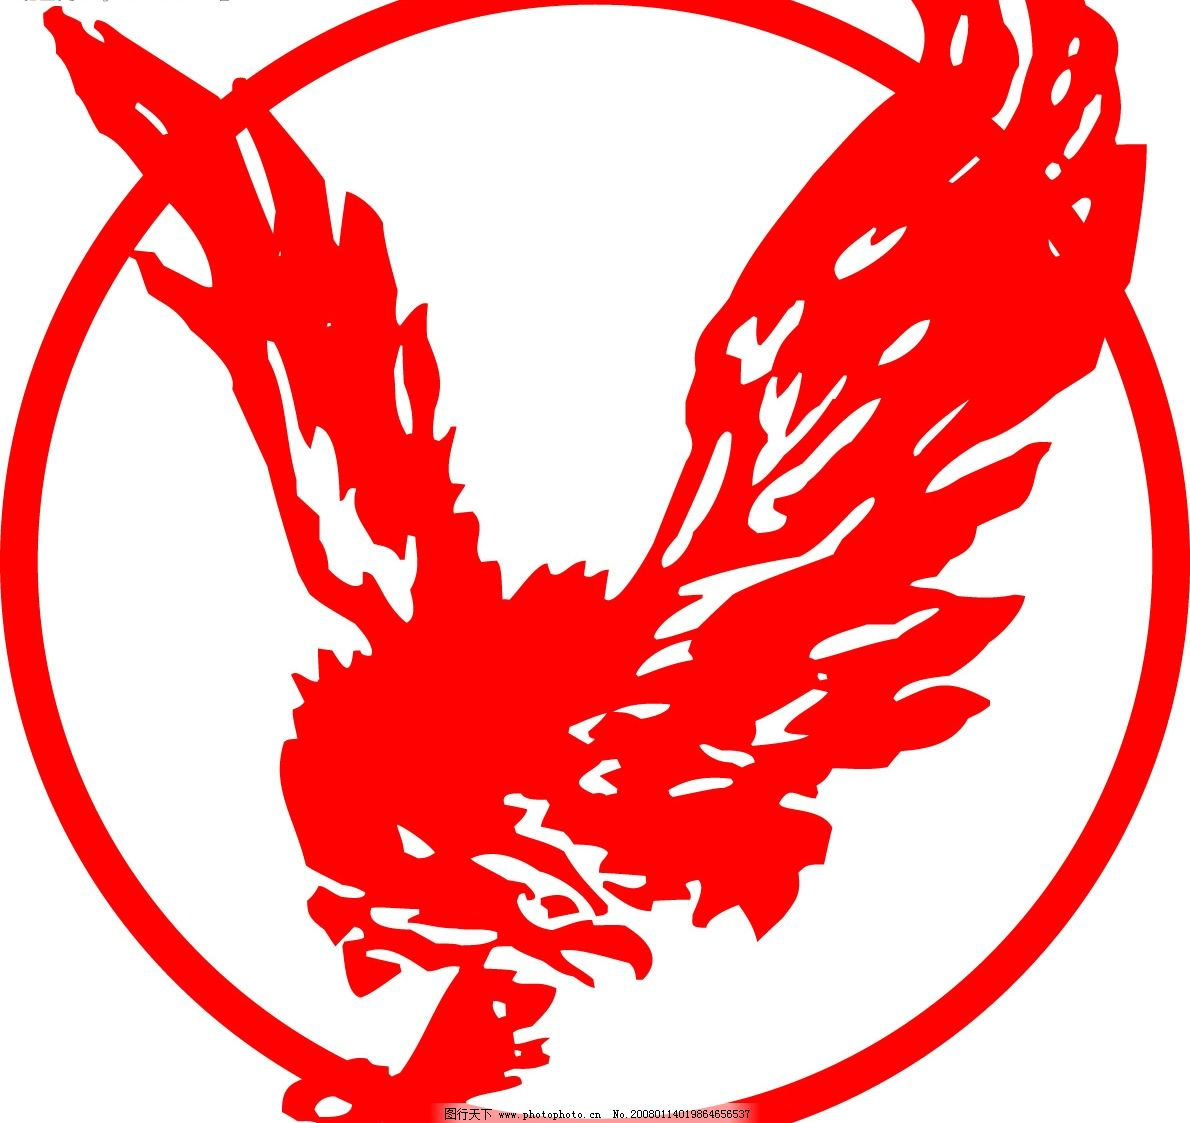 大红鹰标志 宁波大红鹰标志 标识标志图标 公共标识标志 矢量图库   c